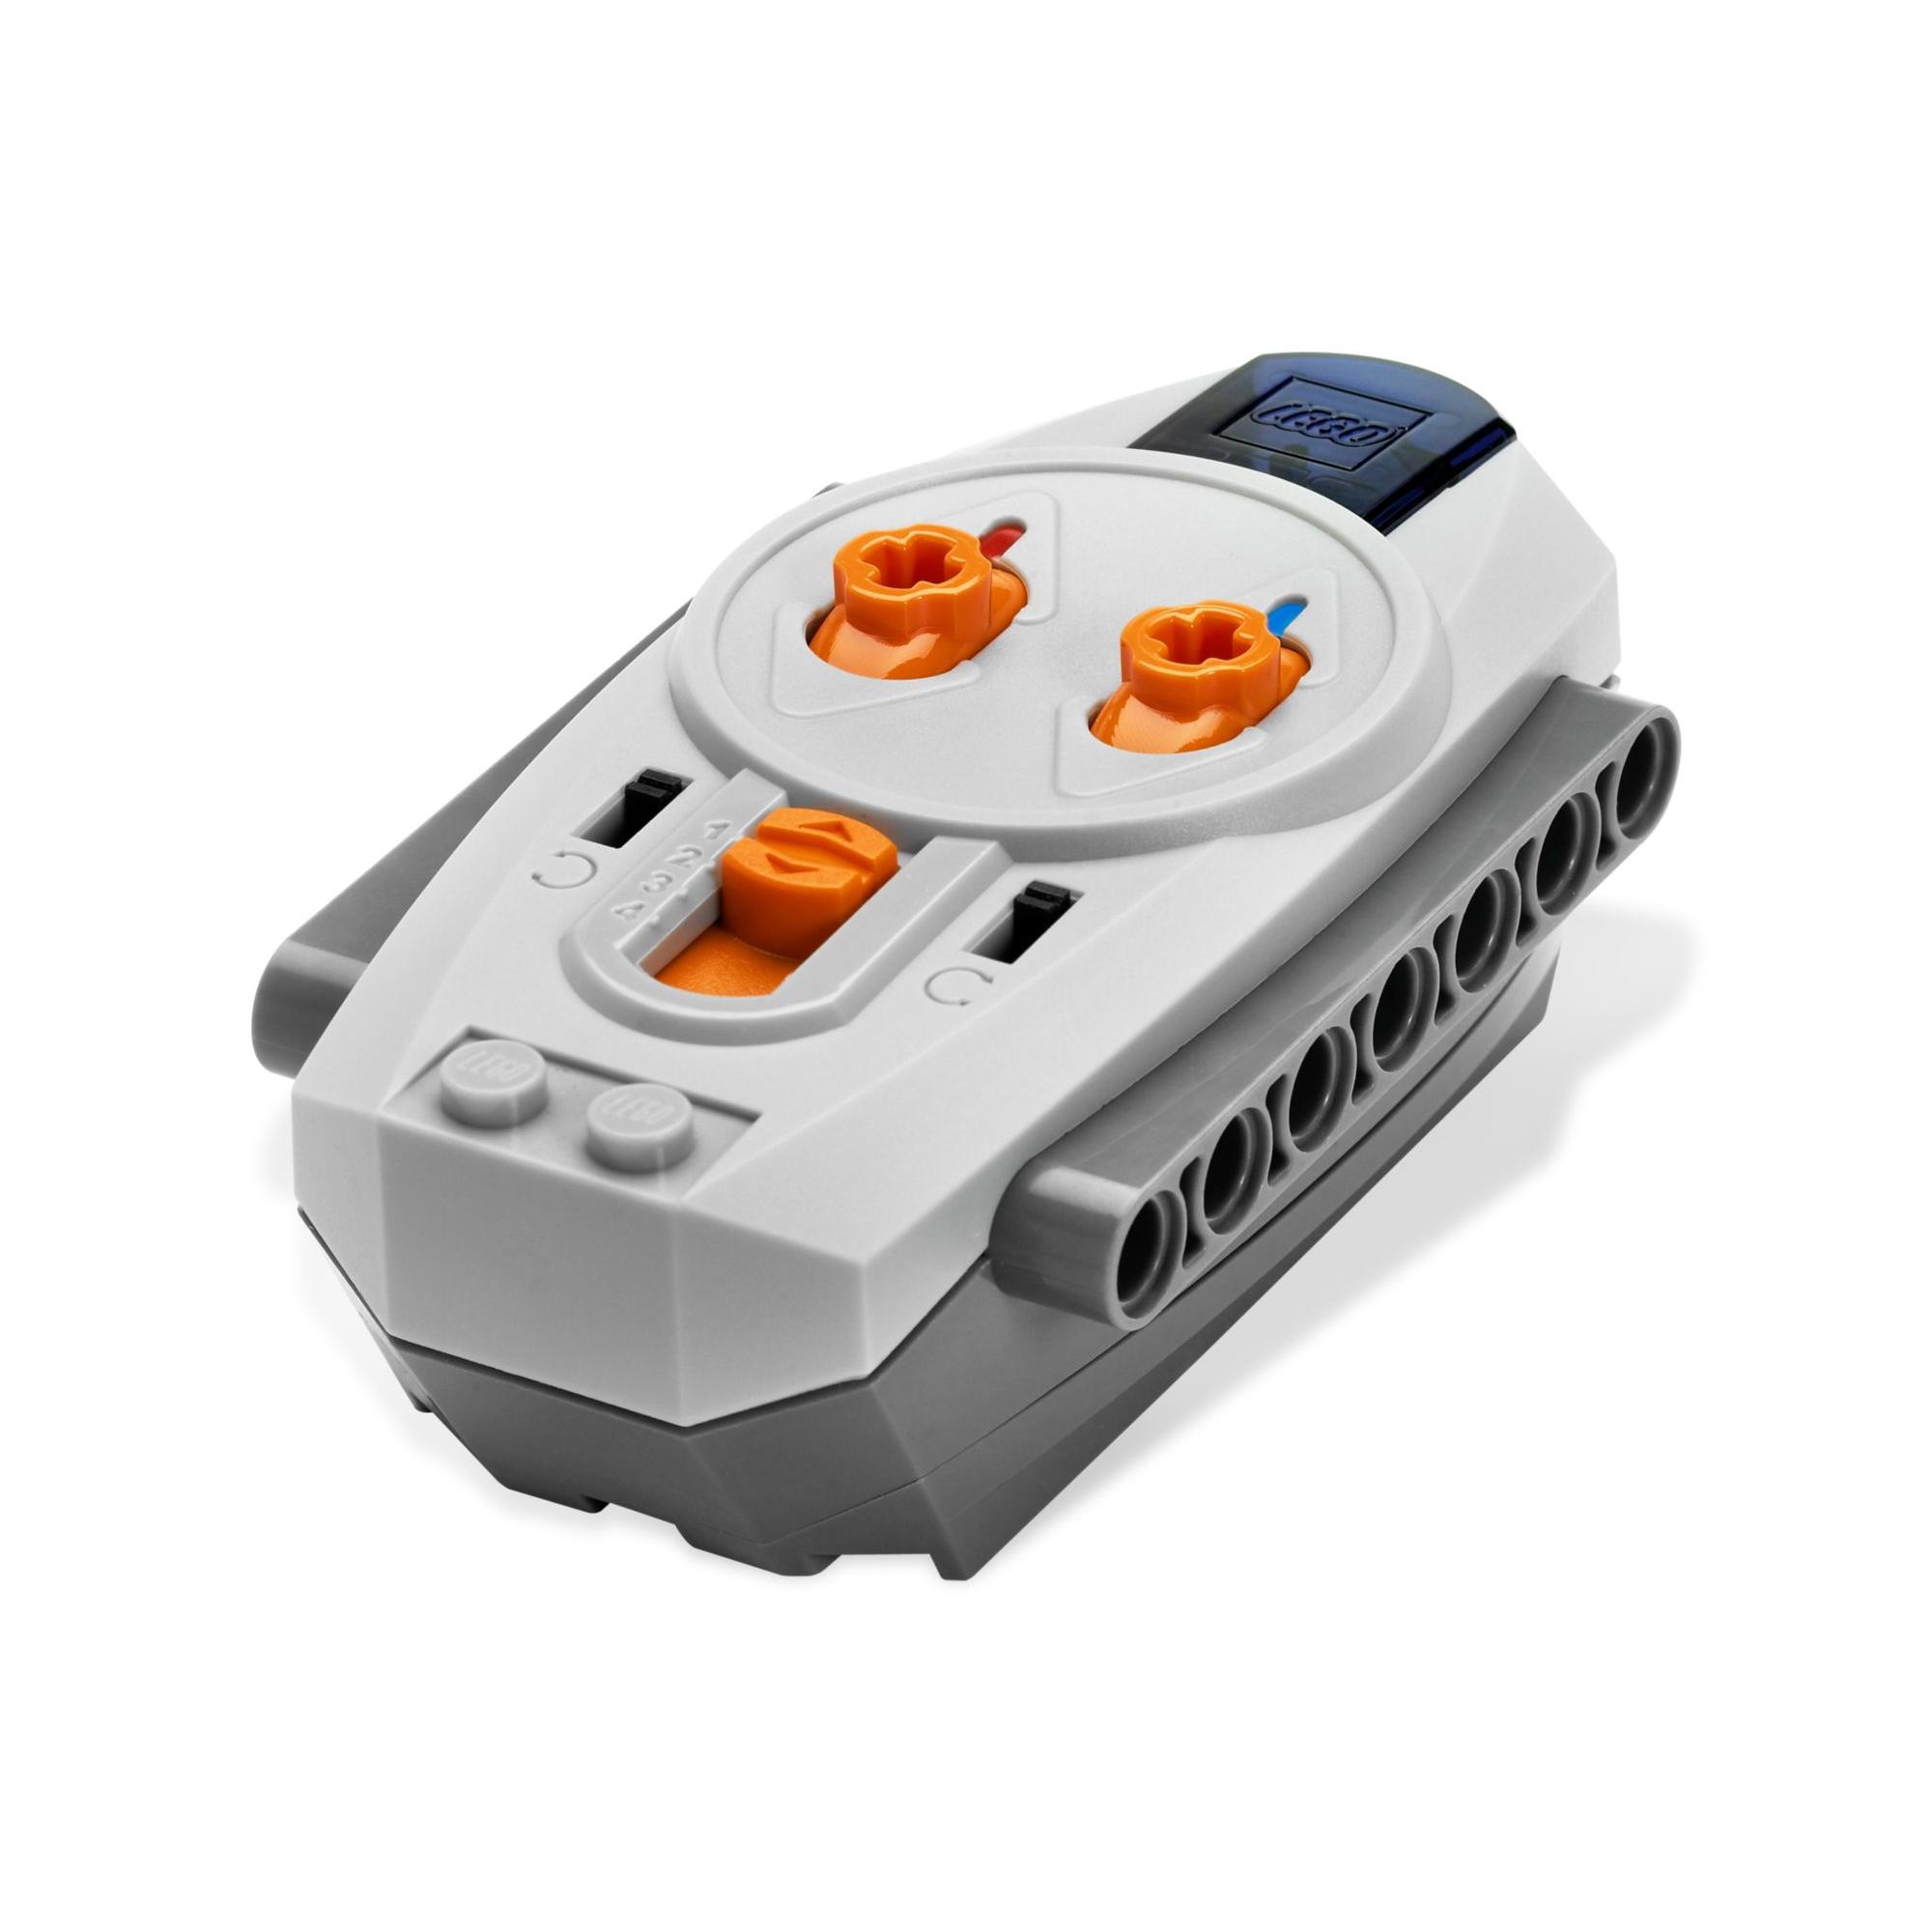 acheter une t l commande ir tx lego power functions 8885 sur robot advance. Black Bedroom Furniture Sets. Home Design Ideas